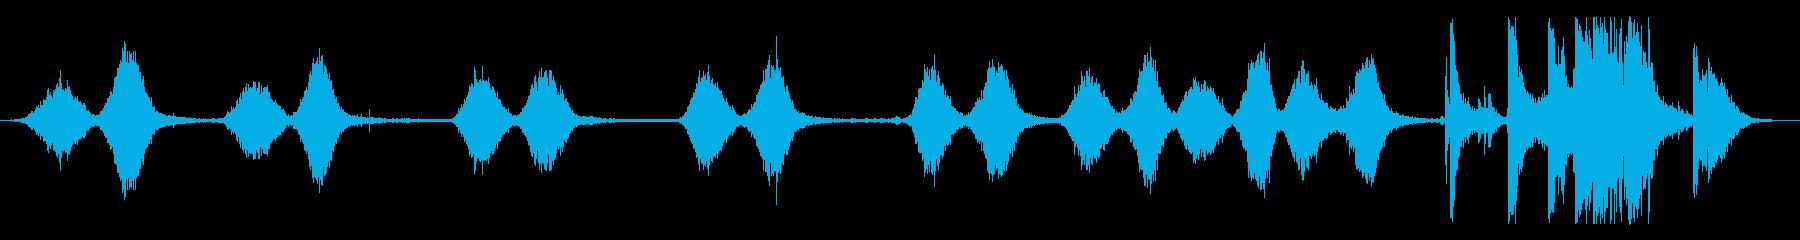 レッグマシン:さまざまなREPS、...の再生済みの波形